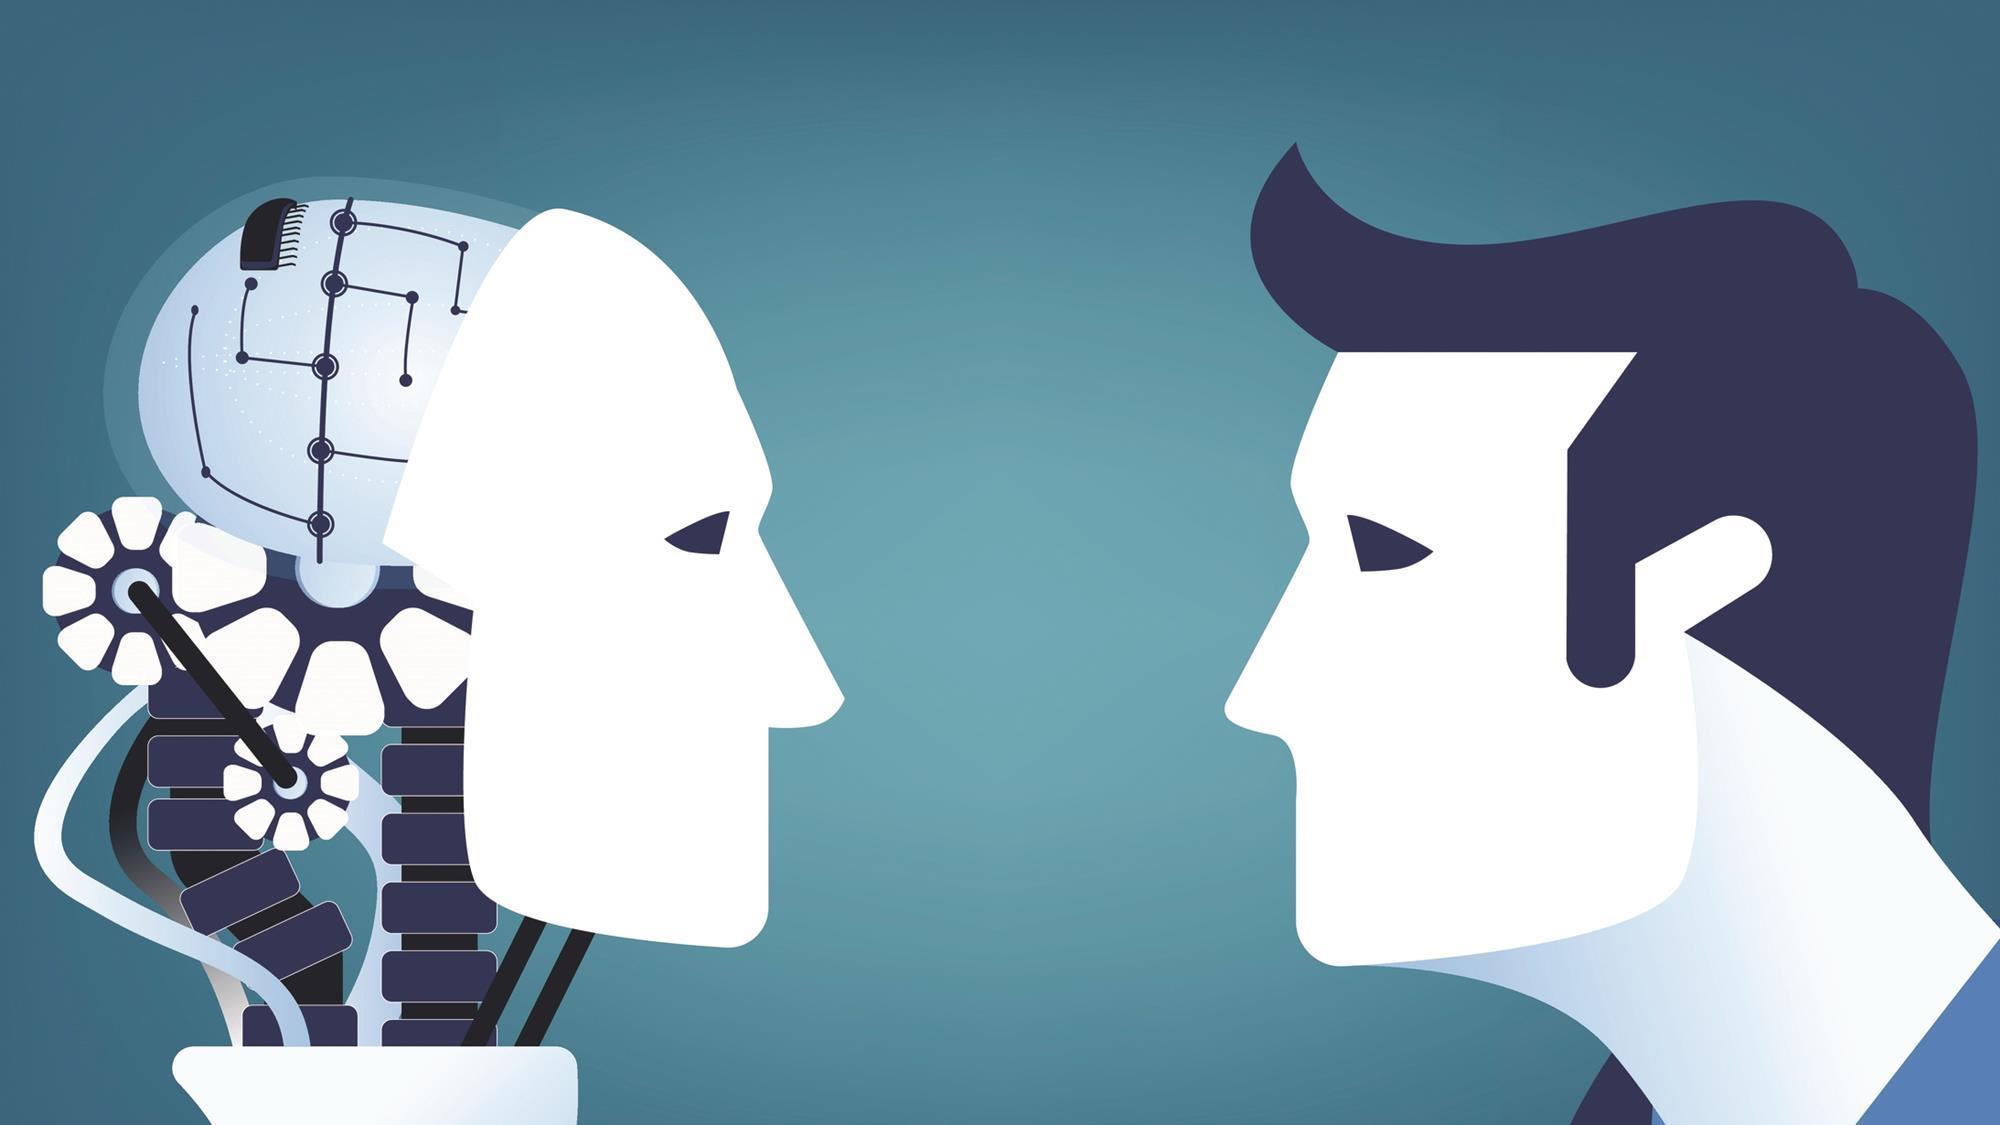 Human Versus Robots